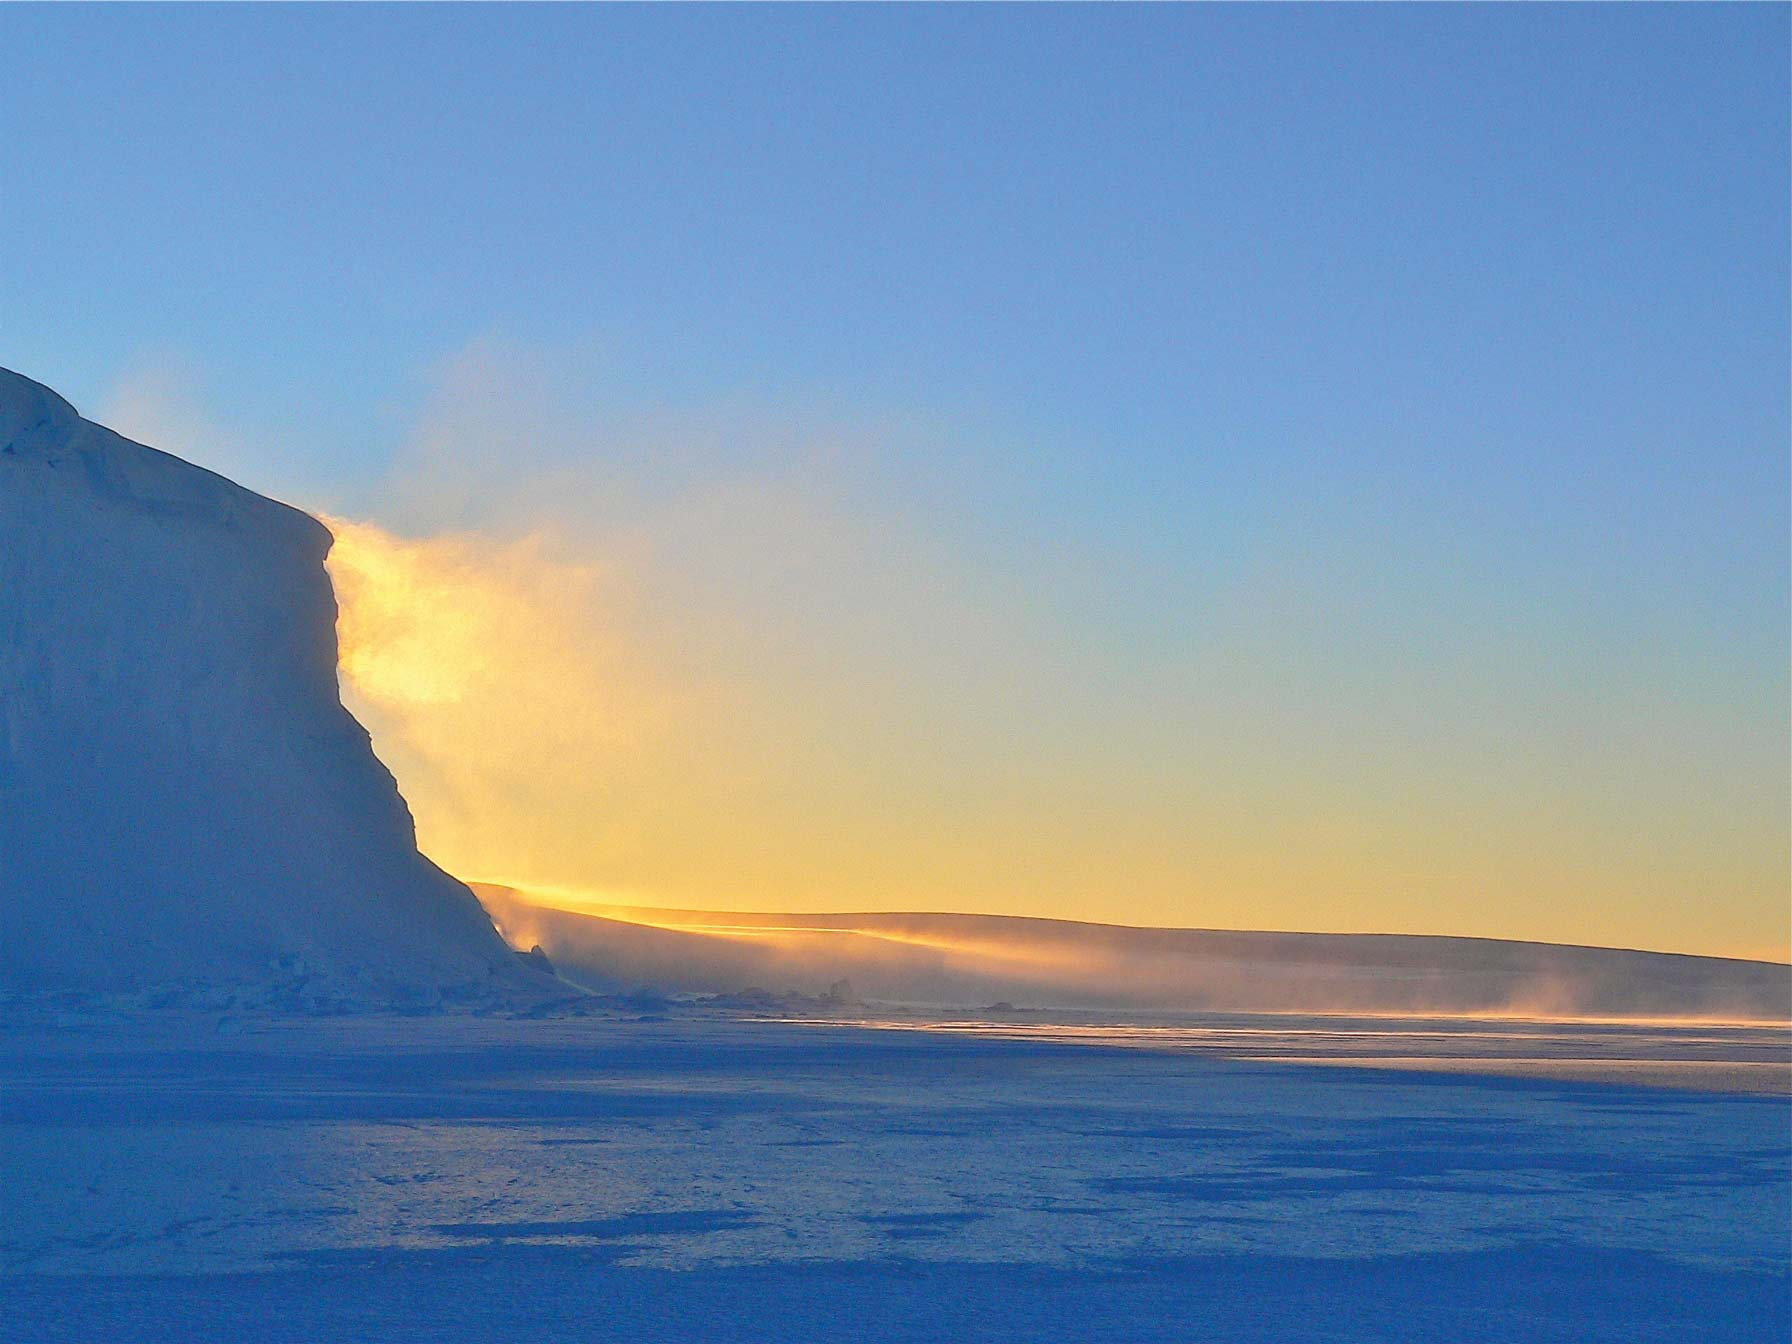 Romantische Schönheit oder eiskalte Bedrohung? Wie wir eine Winterlandschaft wahrnehmen, ist eine Frage der Zeit, des Ortes und auch der Gemütslage © xphere.com